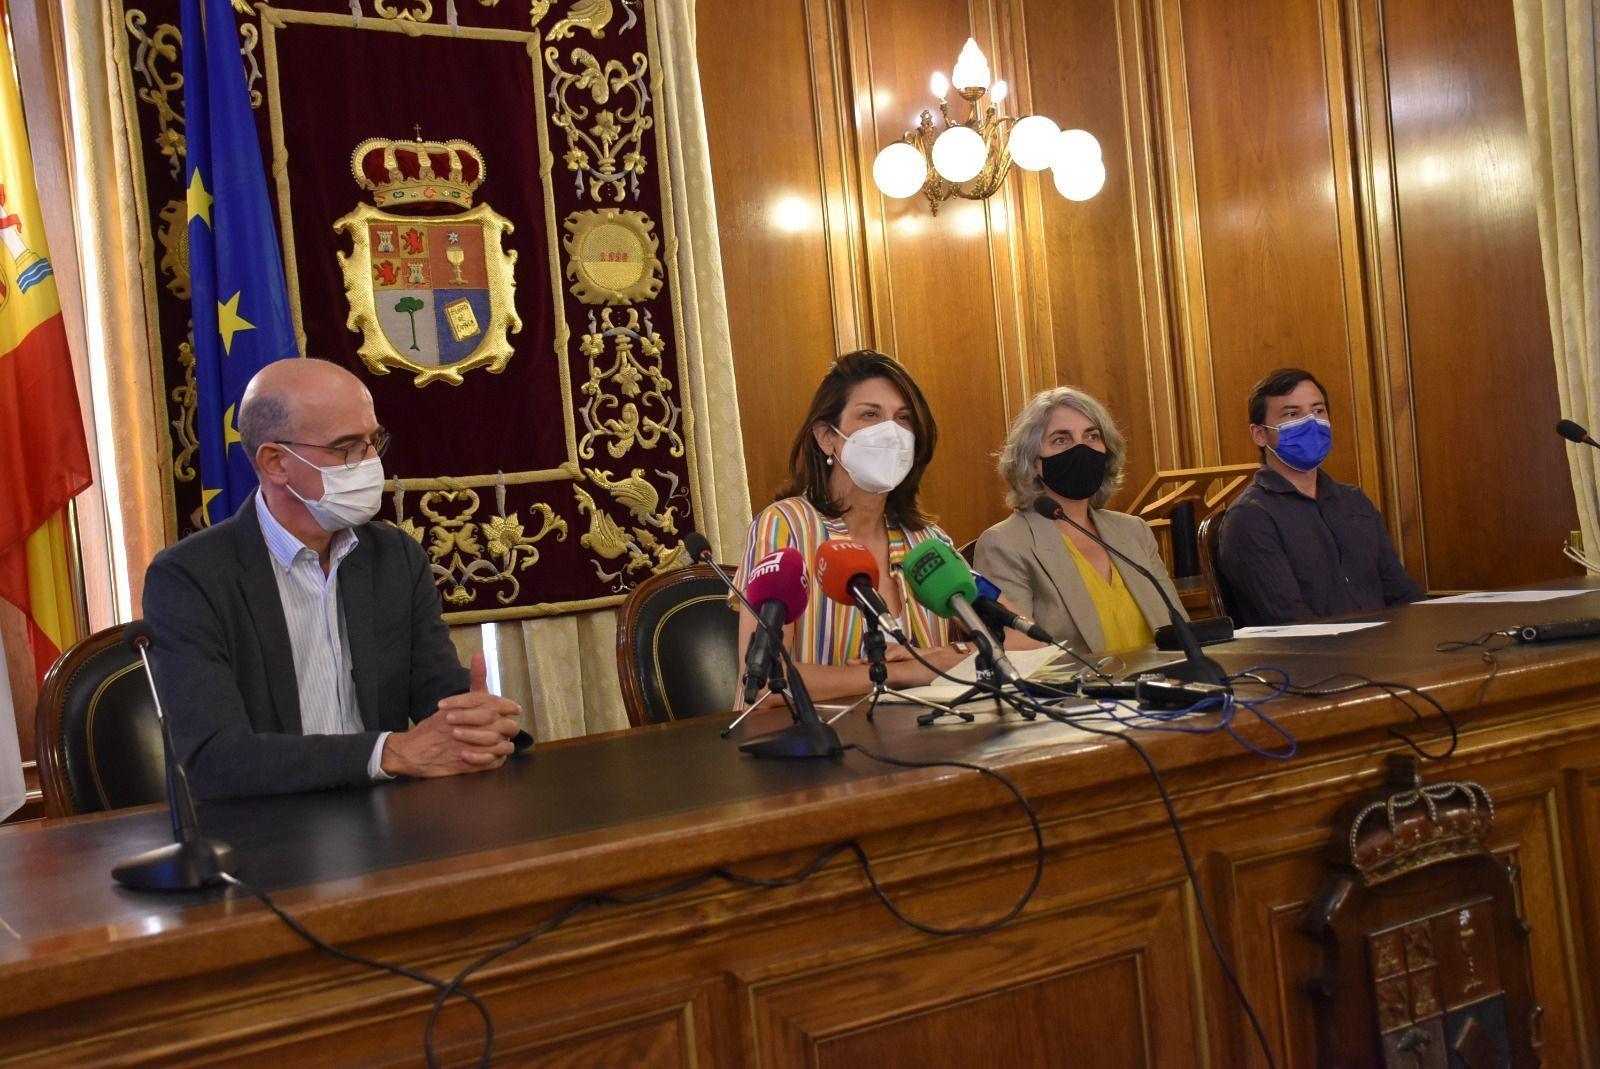 La Diputación de Cuenca y el Proyecto Arraigo elaborarán una estrategia de repoblación para atraer a nuevos pobladores